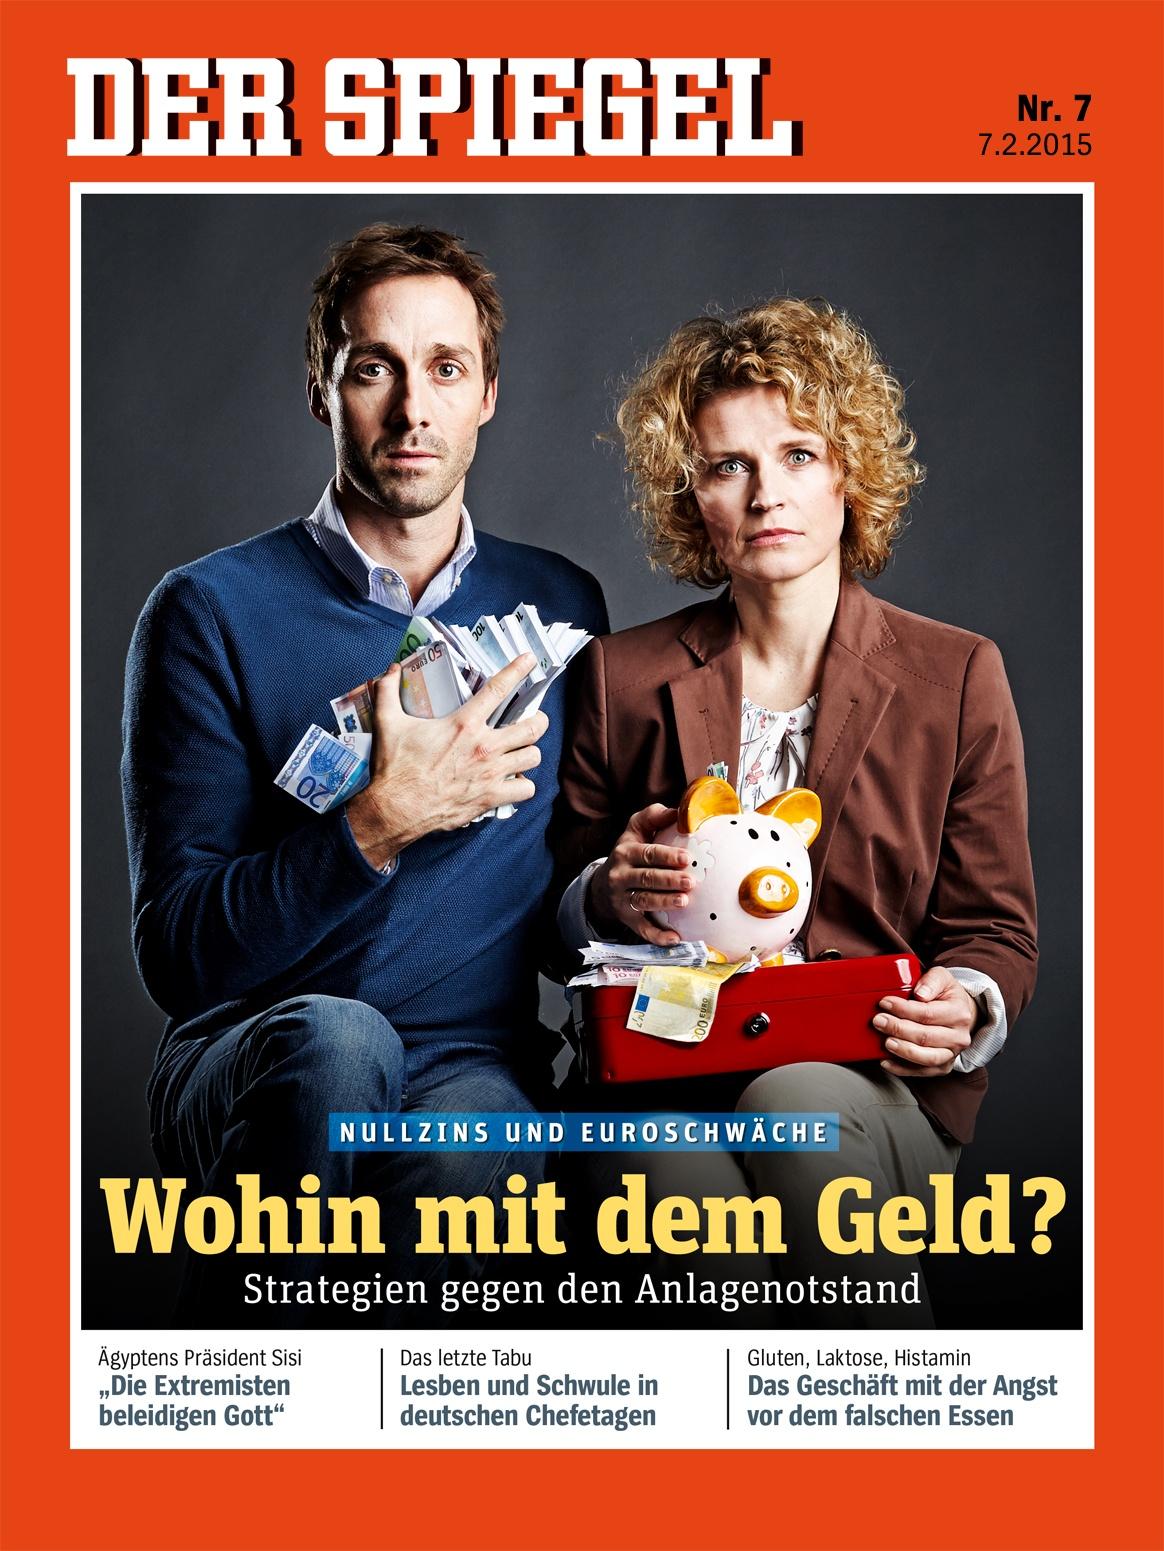 Warum junge frauen aus deutschland in den dschihad ziehen for Der spiegel letzte ausgabe